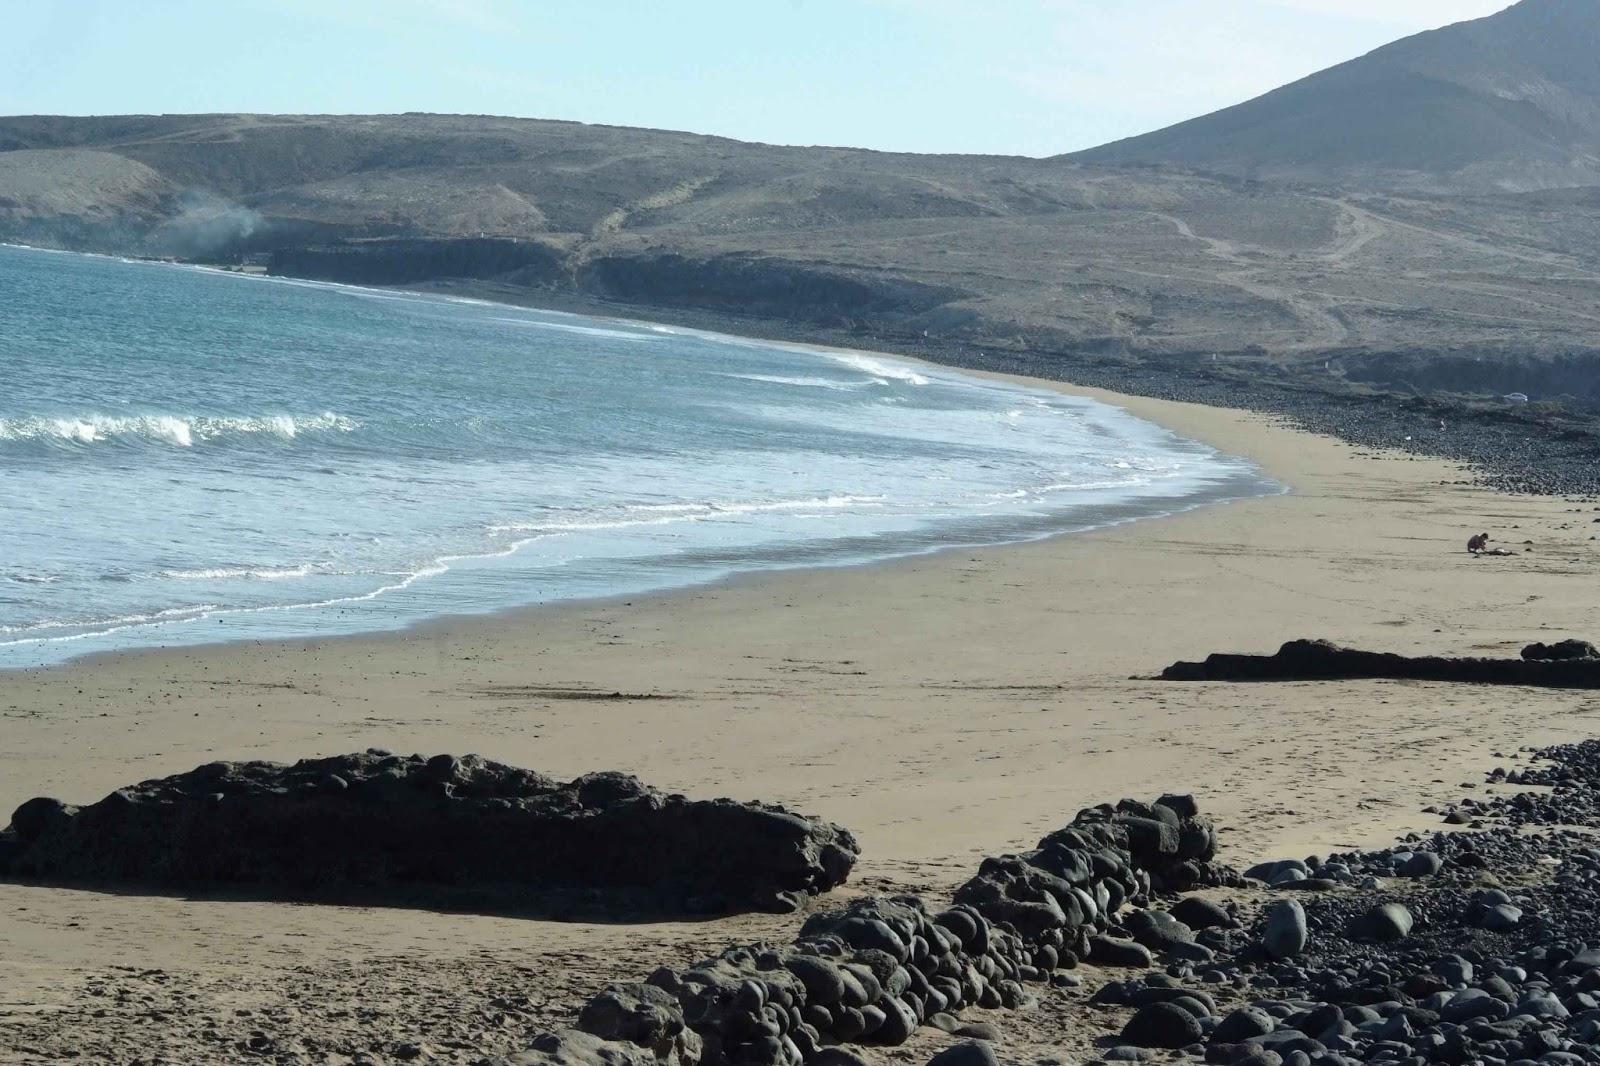 http://campingplayadevargas.blogspot.com.es/2012/09/dejandose-ver-la-arena-de-la-playa.html